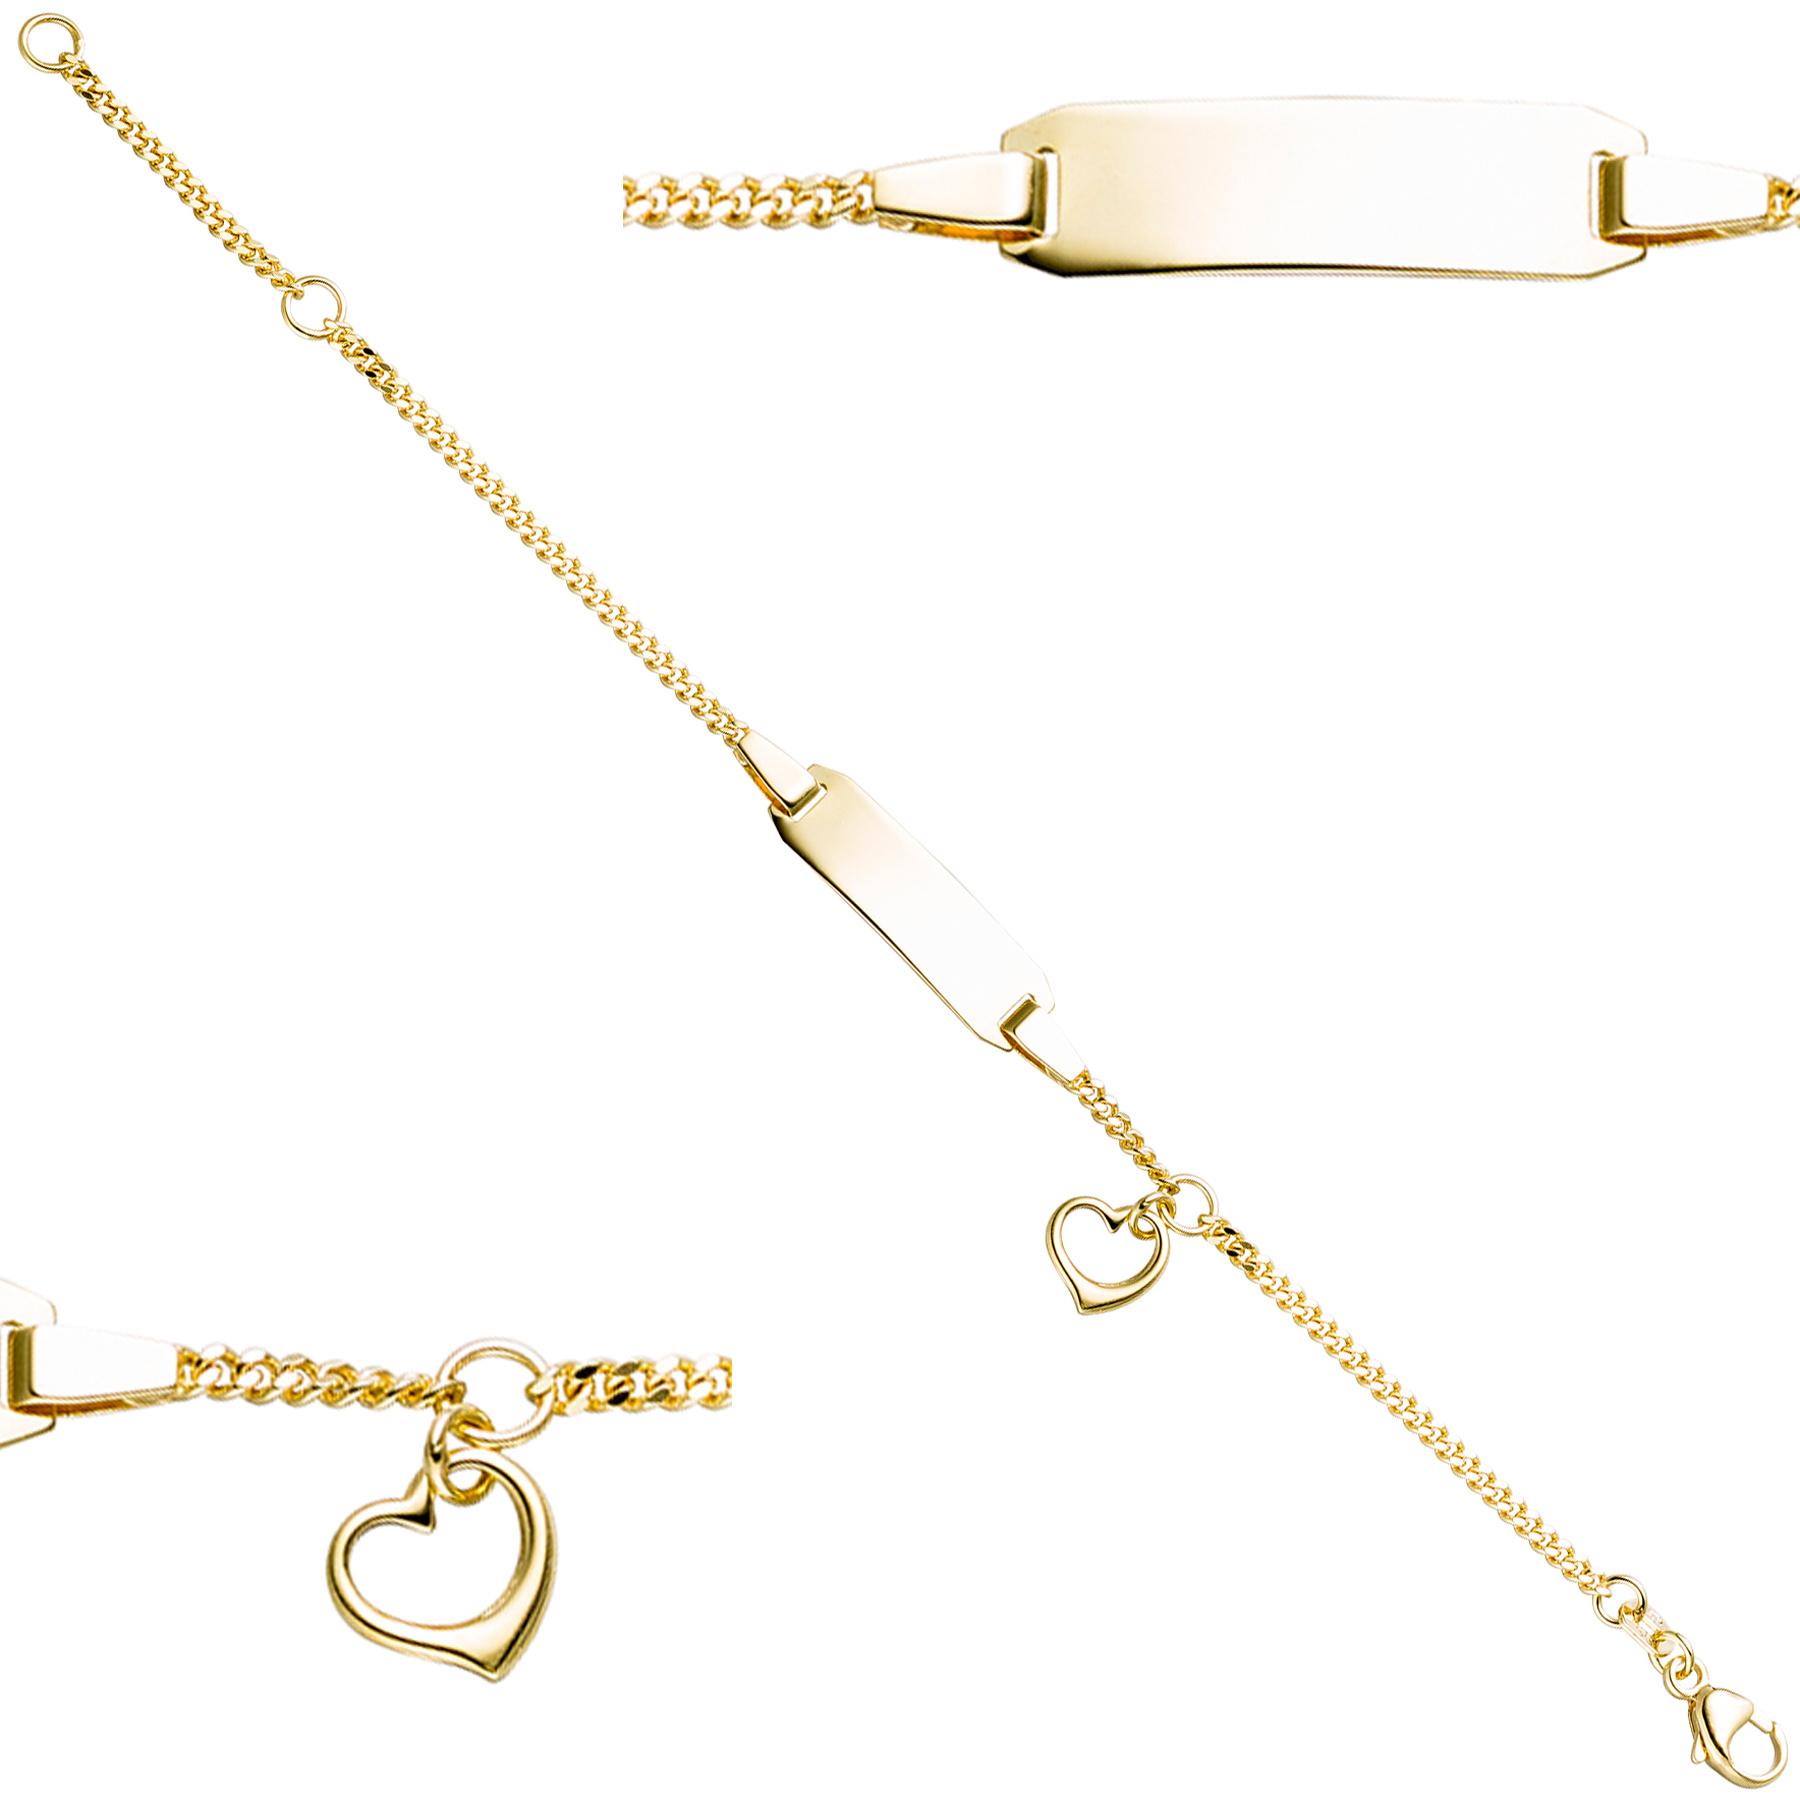 schildband mit herz 333 gold gelbgold gravur id armband ebay. Black Bedroom Furniture Sets. Home Design Ideas